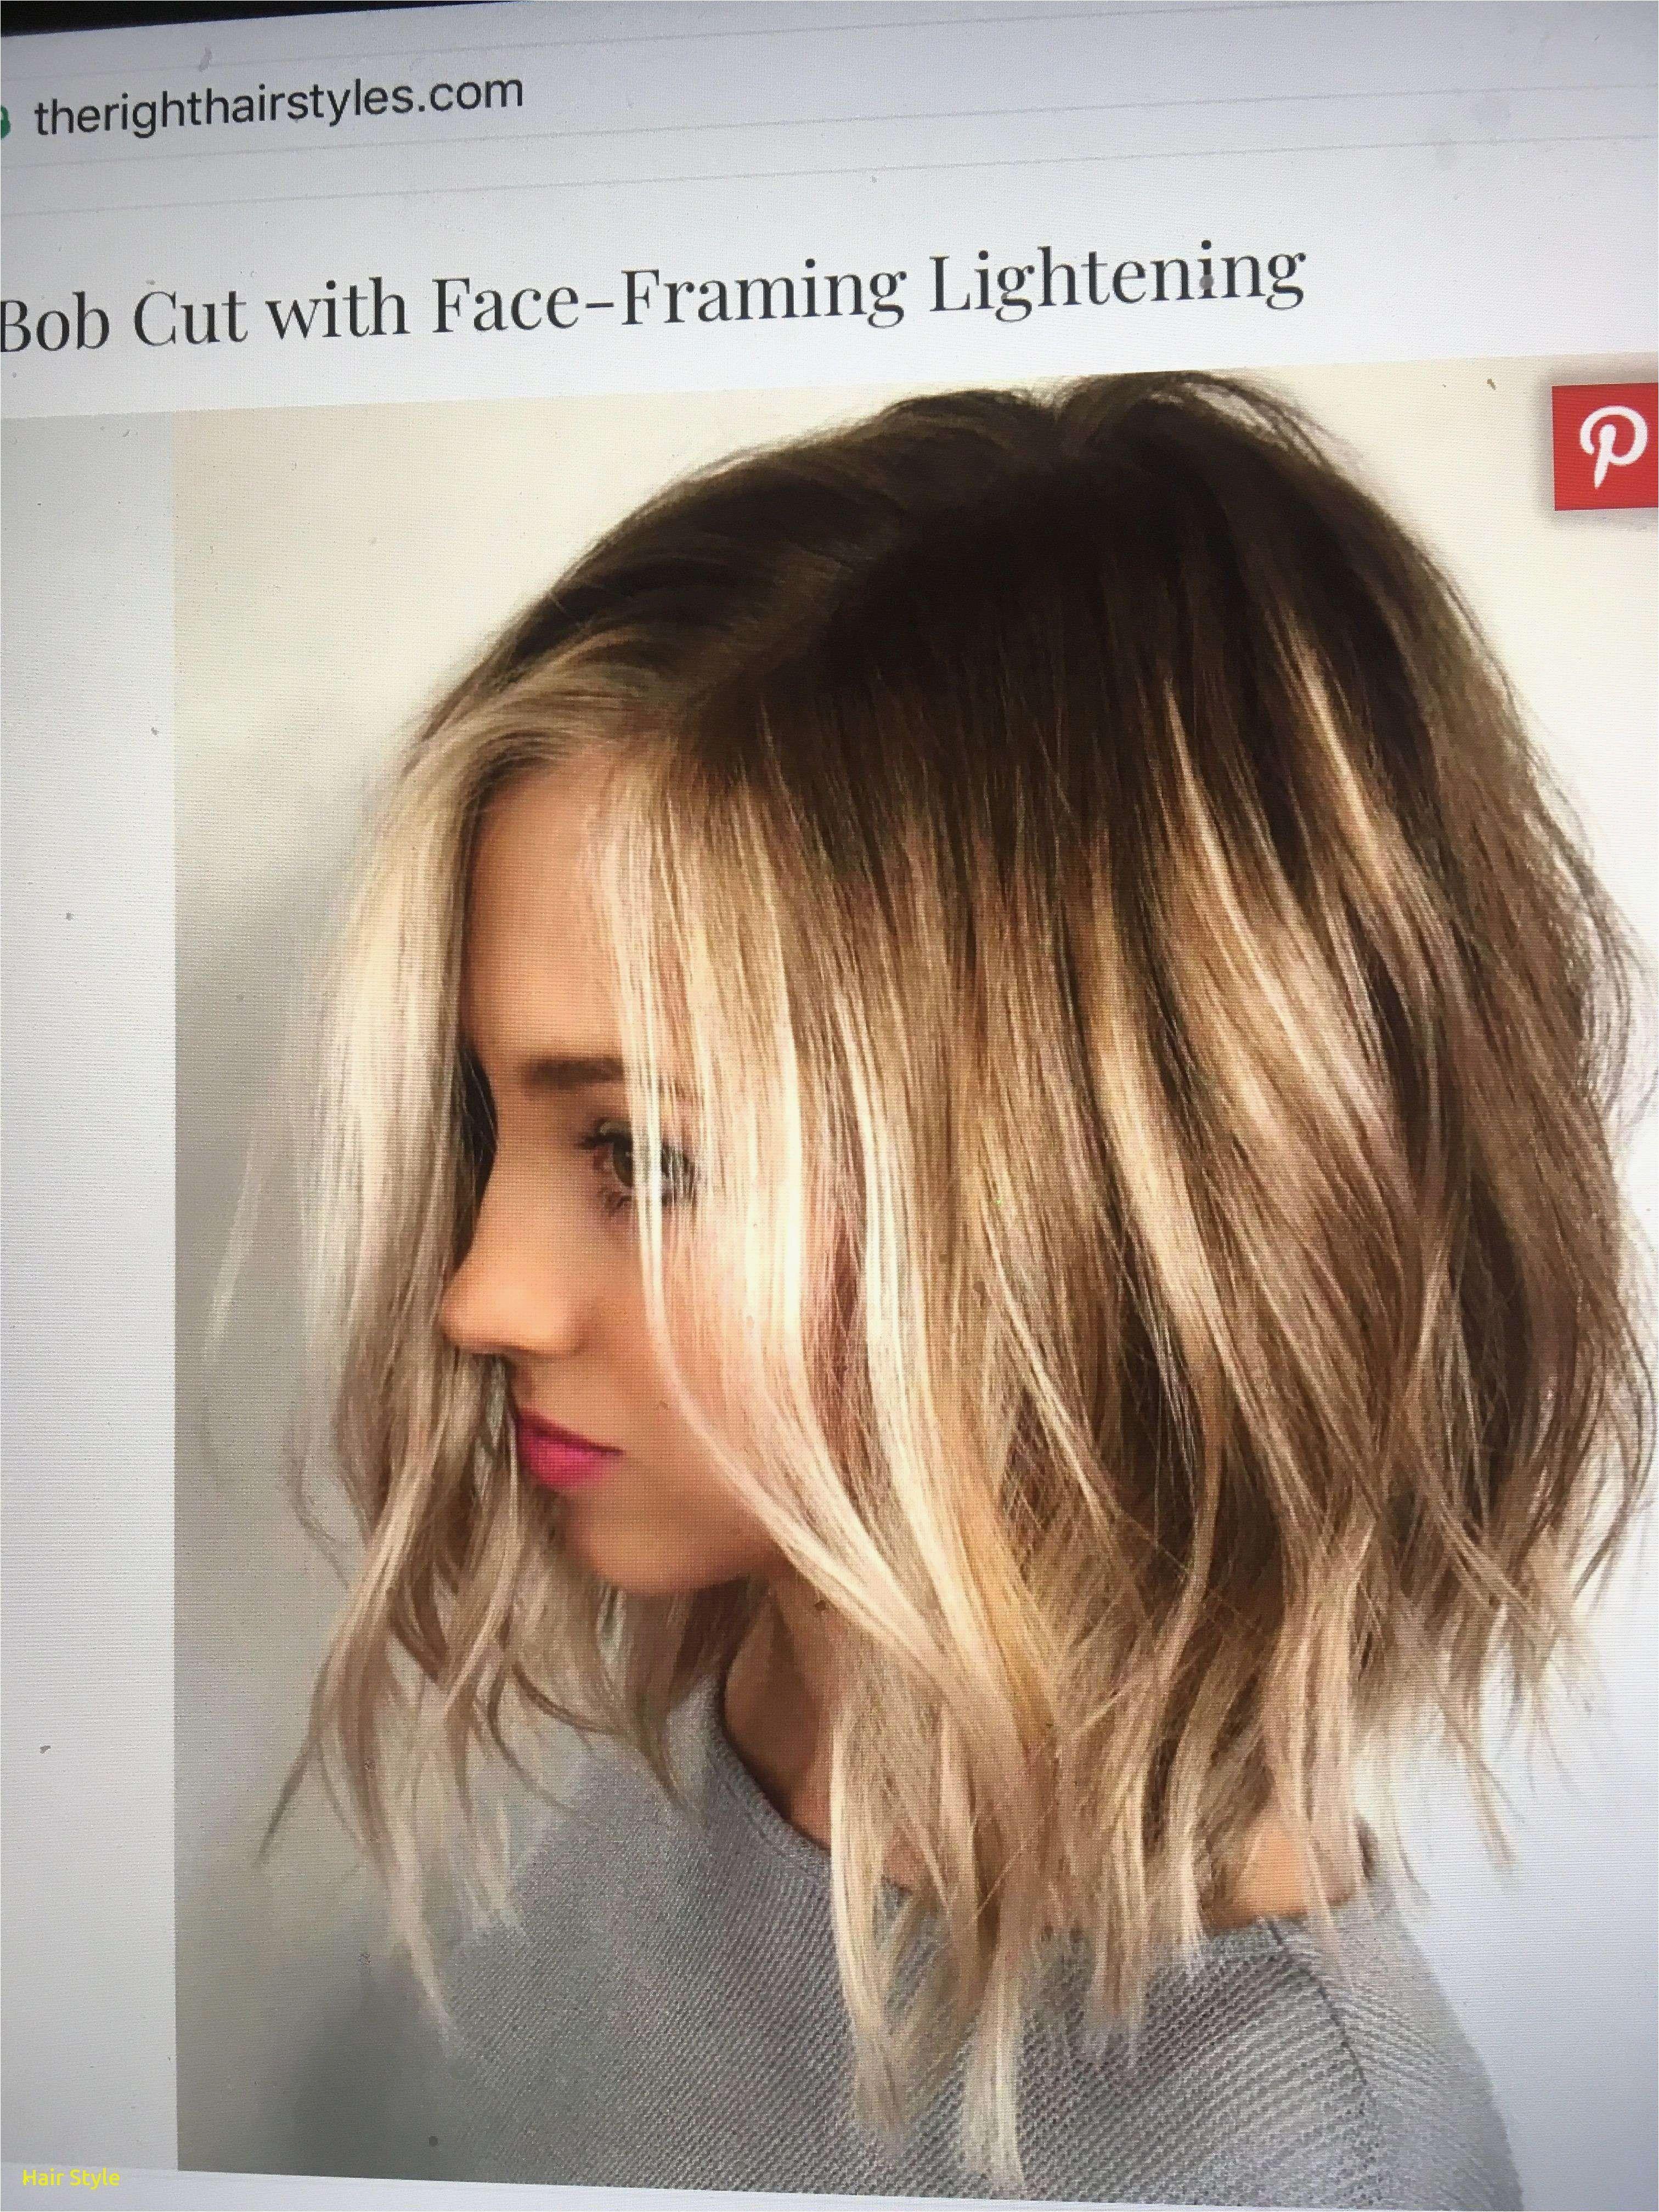 Bob Frisuren Volumen Haarschnitt Lange Haare Bob Frisur Haarschnitt